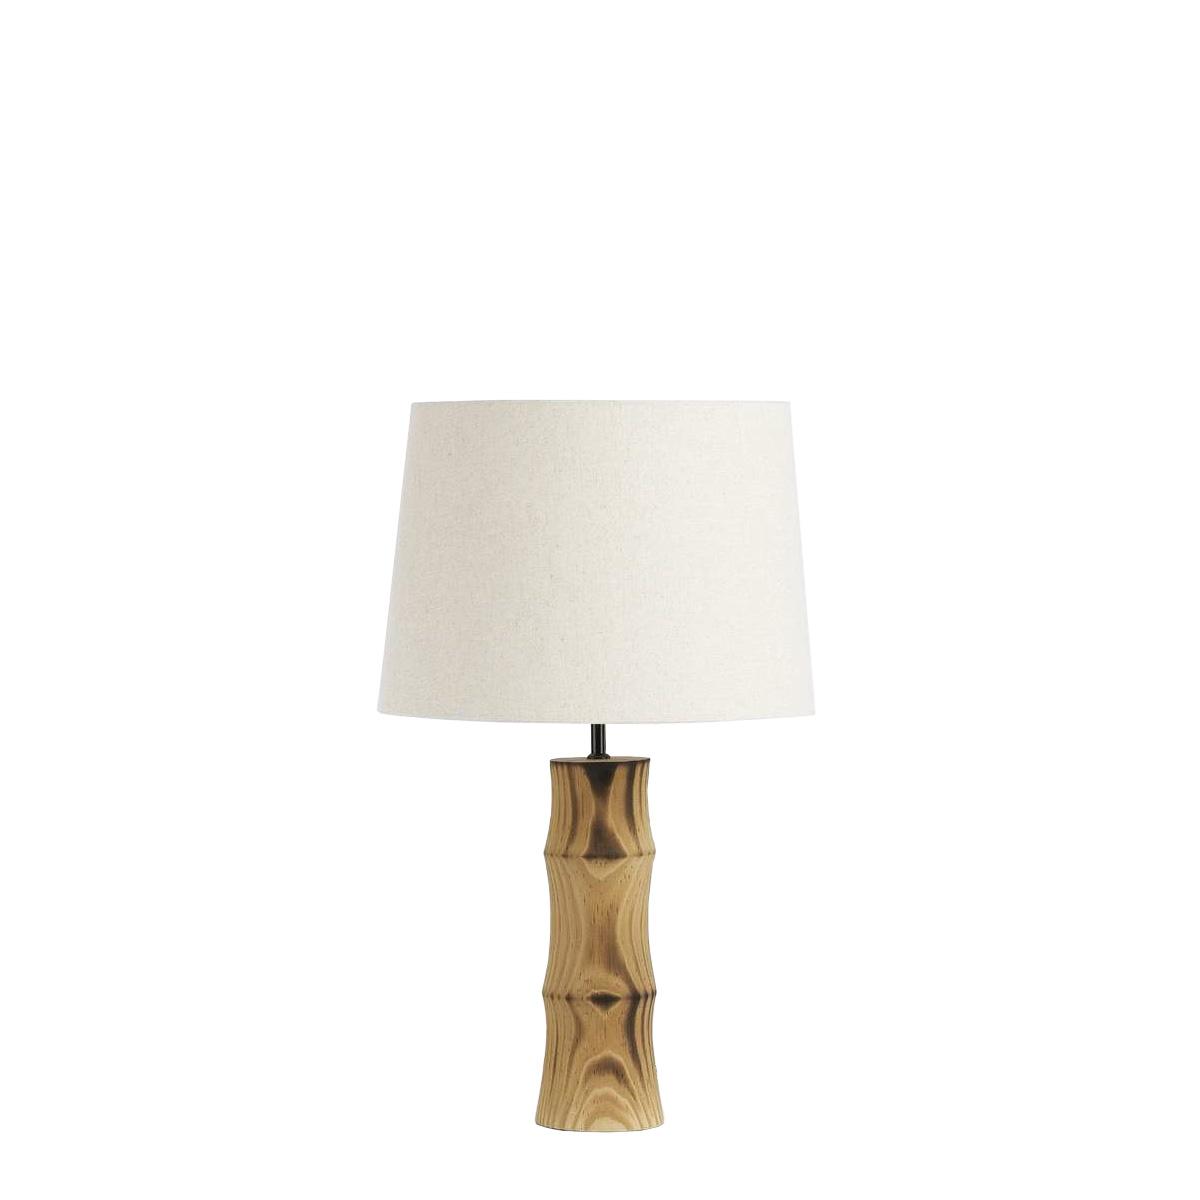 Ξύλινο φωτιστικό - πορτατίφ BAMBOO small wooden table lamp